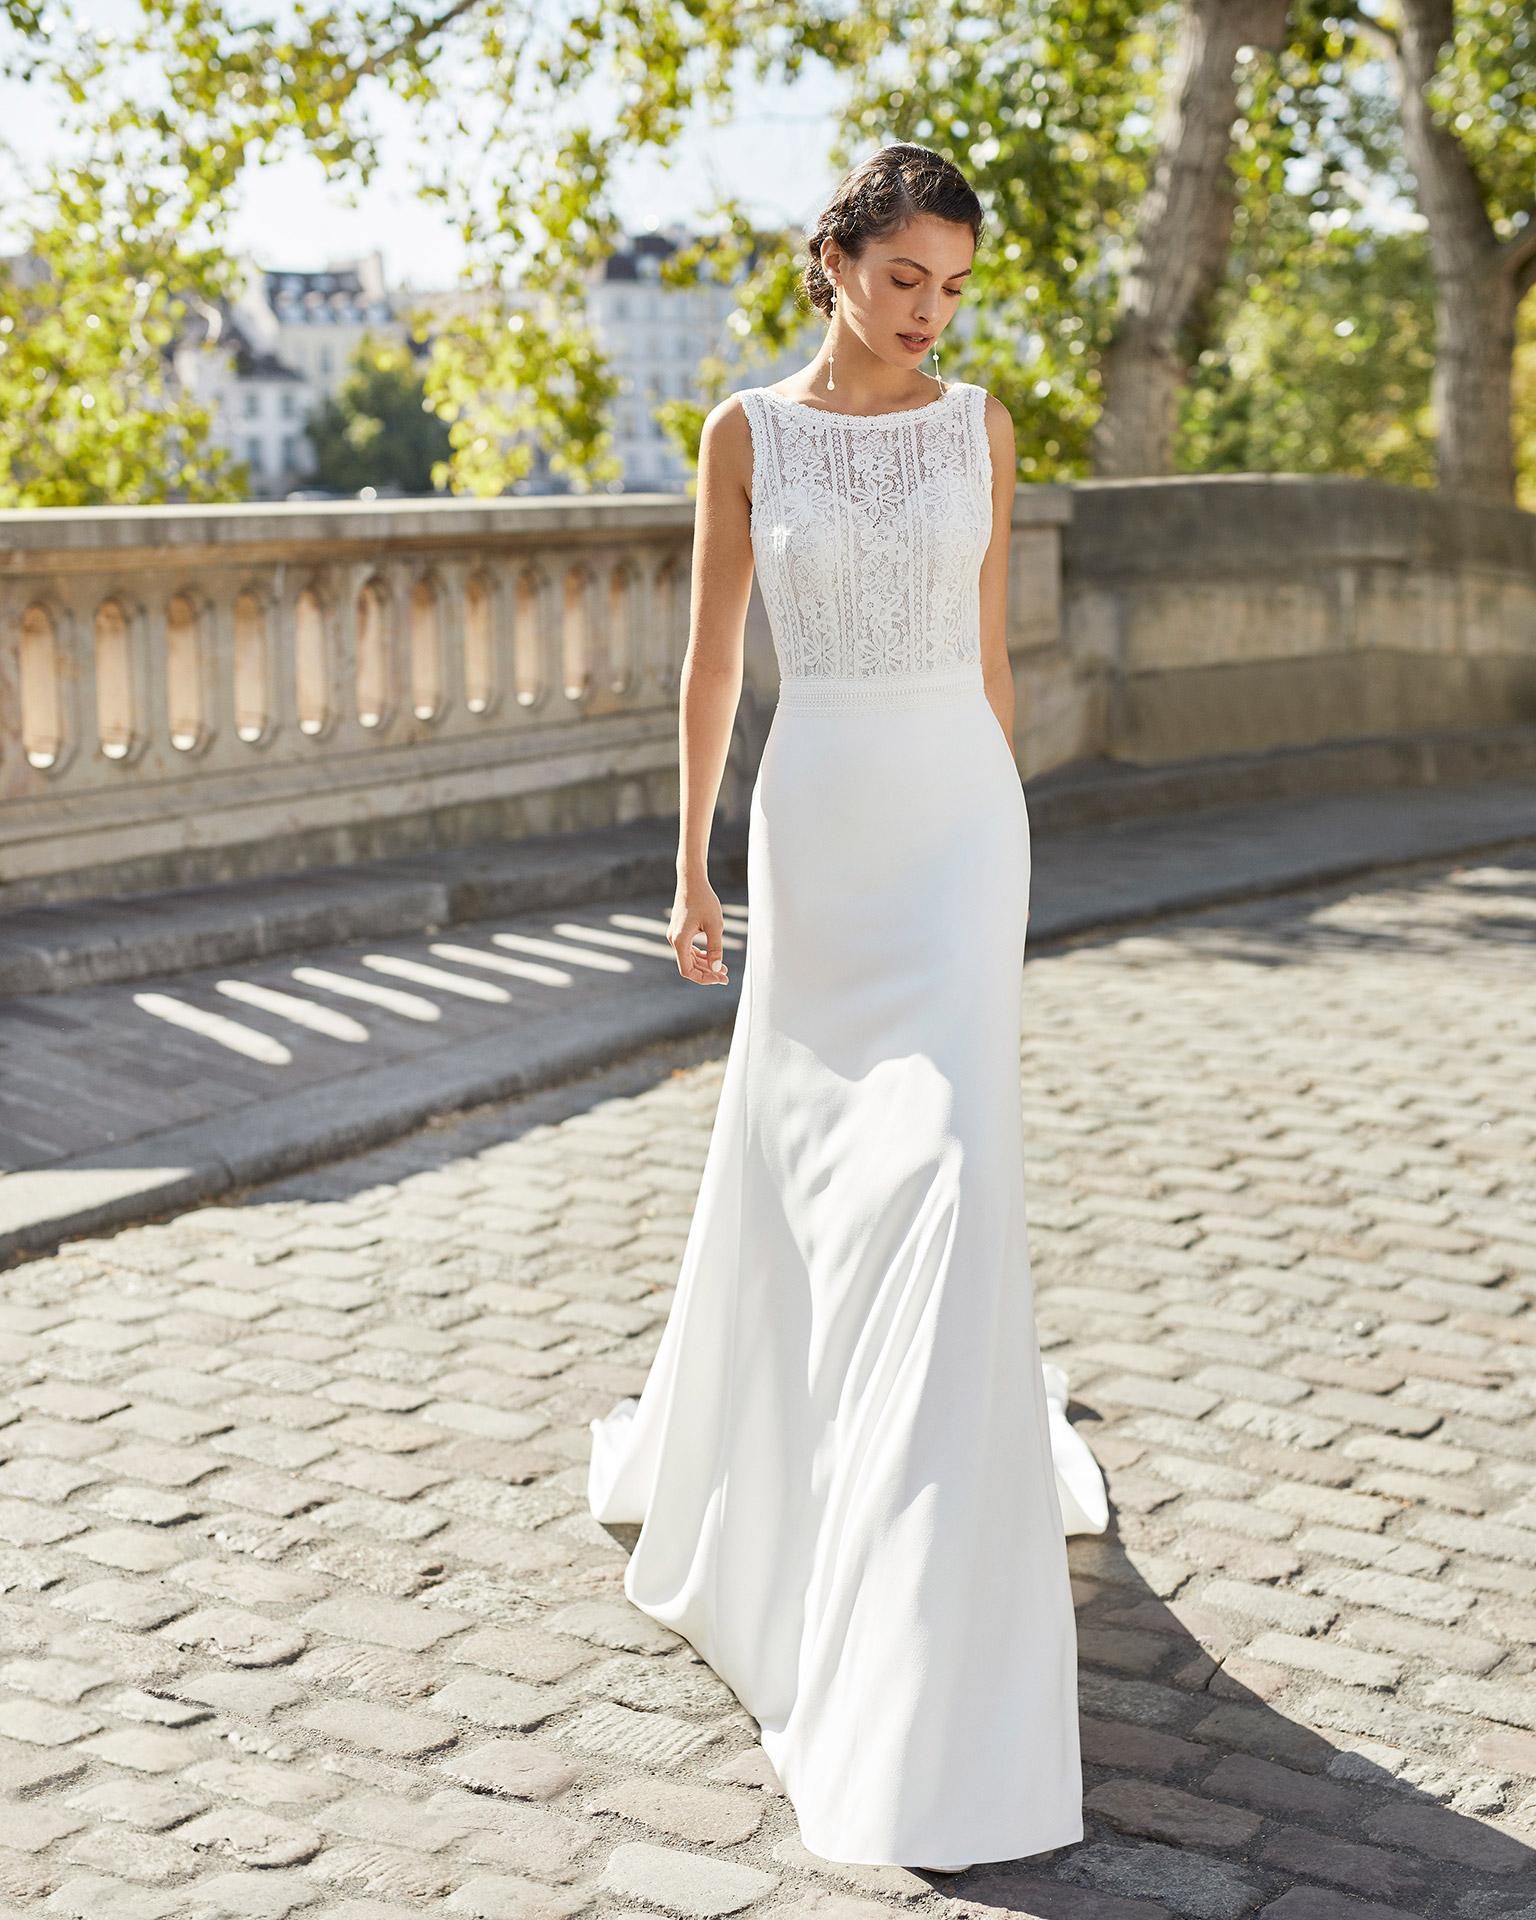 Vestido de novia de crep. Escote barco de encaje, cinturón de encaje y pedrería, tirantes y espalda en V. Colección ALMANOVIA 2021.